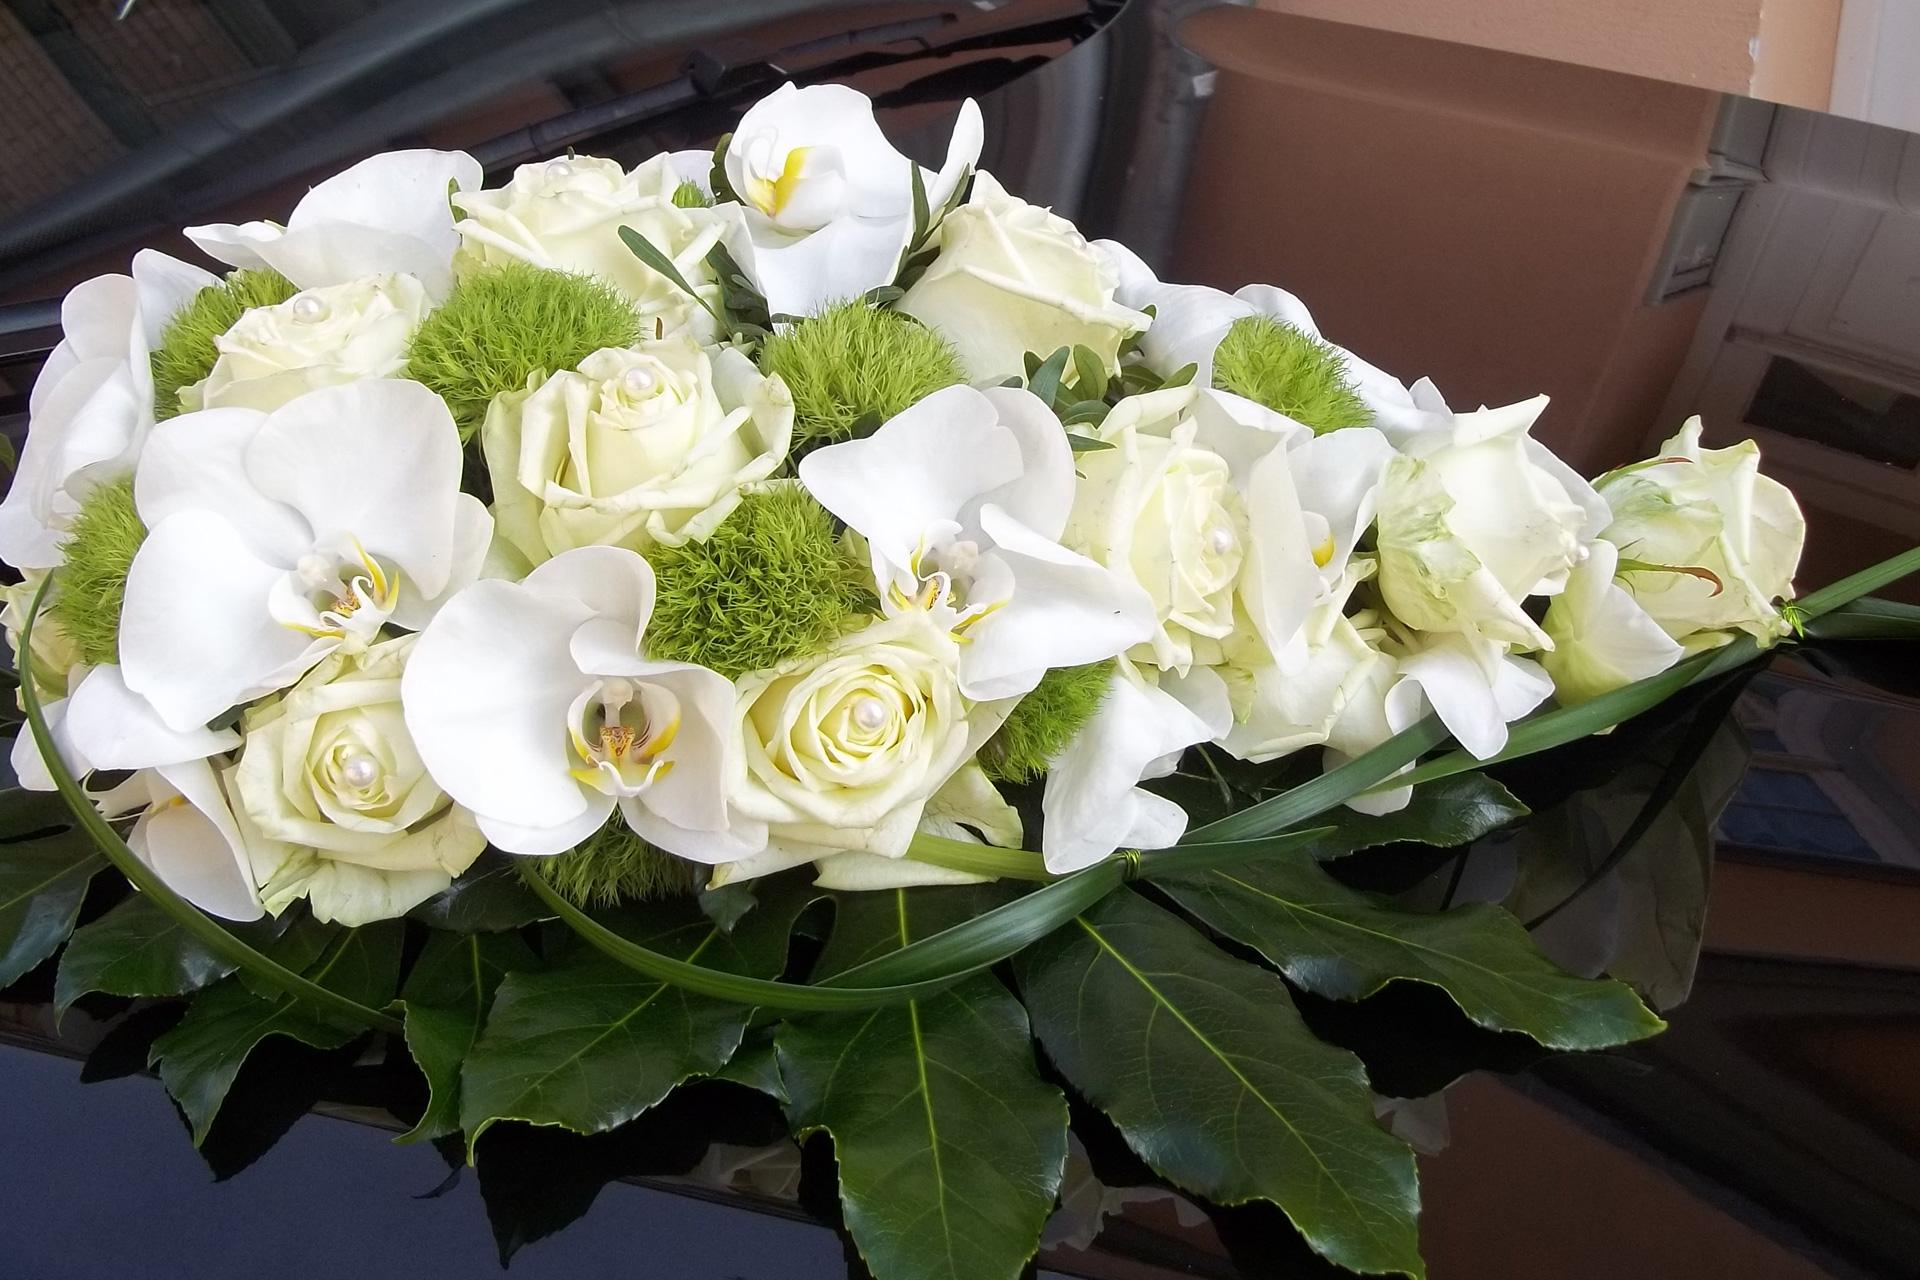 blumenwiese floristik ihr blumenladen in eisenach. Black Bedroom Furniture Sets. Home Design Ideas